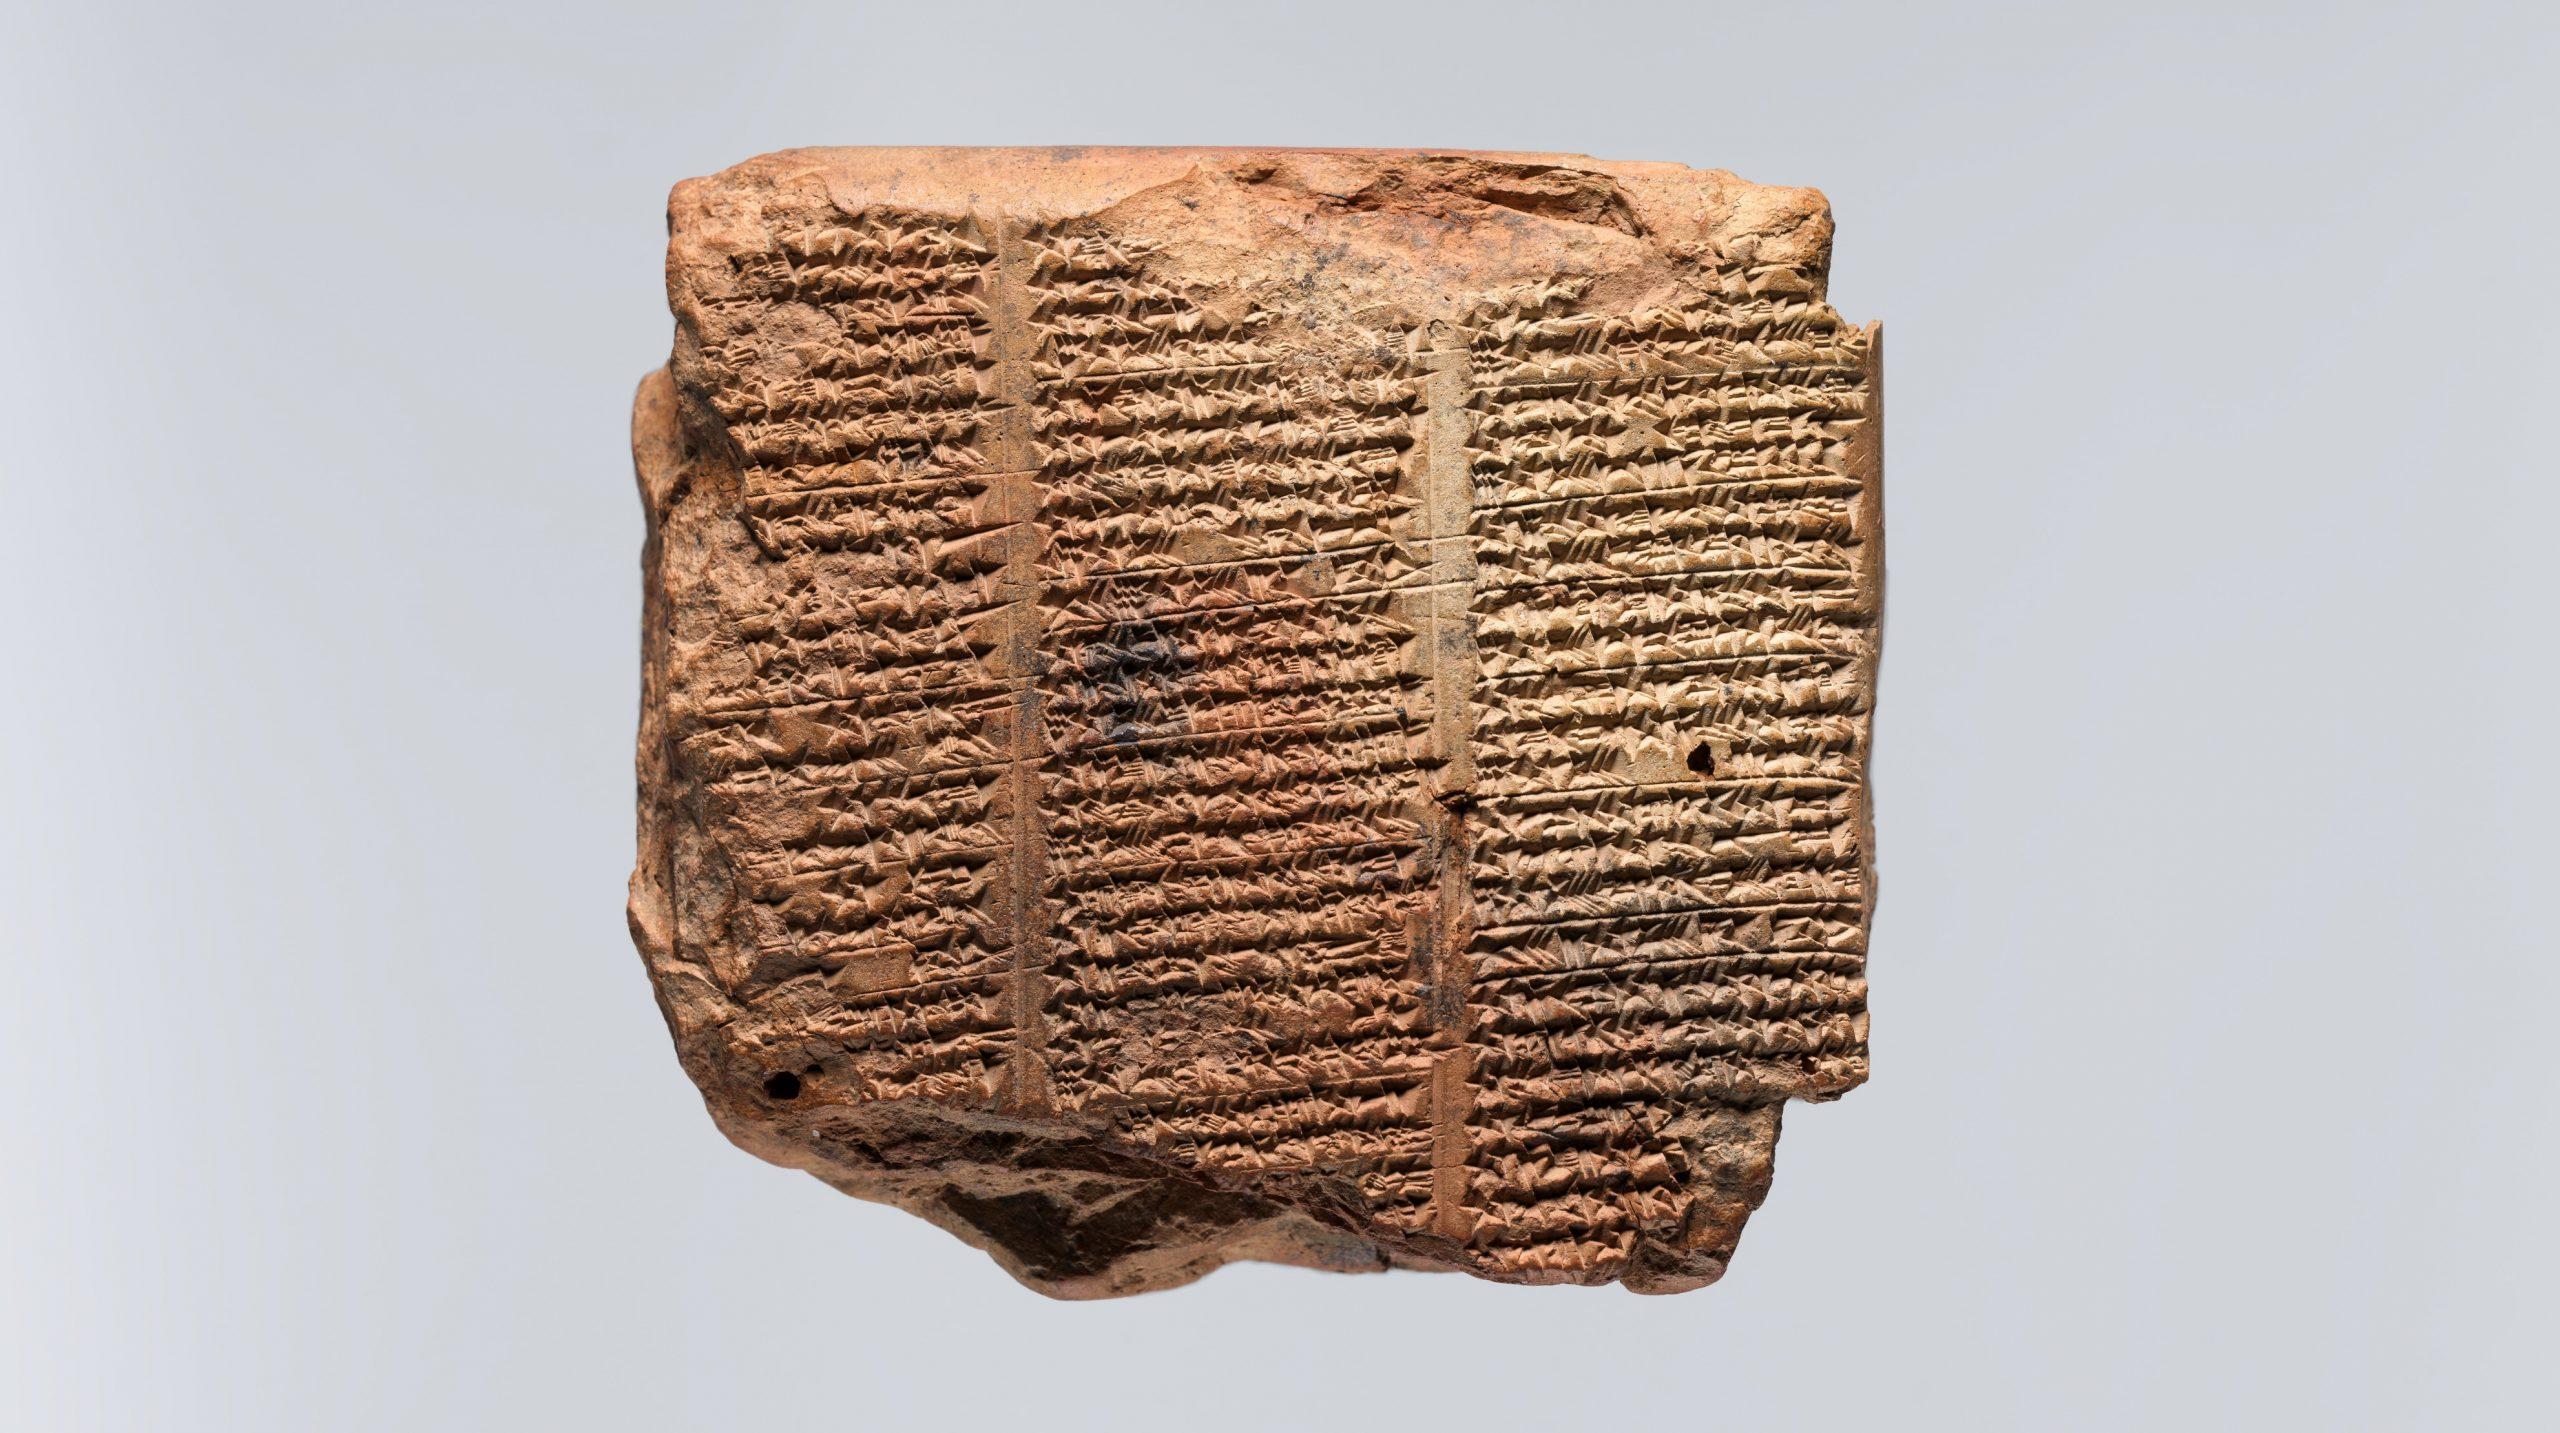 Escrita cuneiforme em tábua de argila da região da Mesopotâmia, datado entre 1000 a.C. - 1 d.C. (Metmuseum.org)